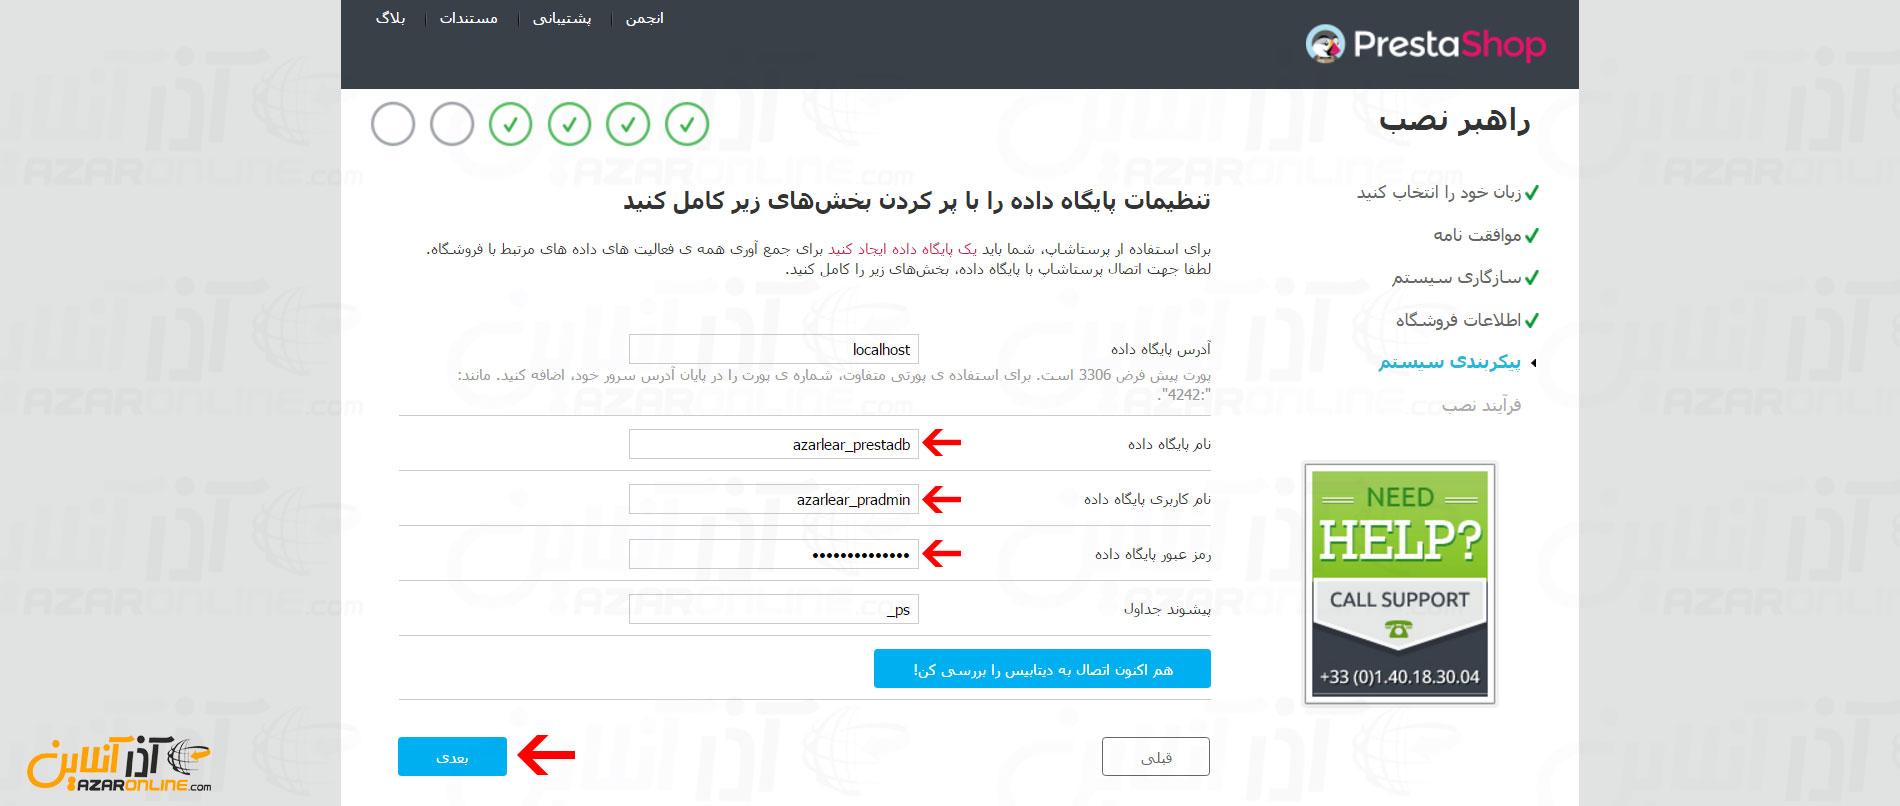 وارد کردن اطلاعات دیتابیس prestashop - آموزش نصب پرستاشاپ